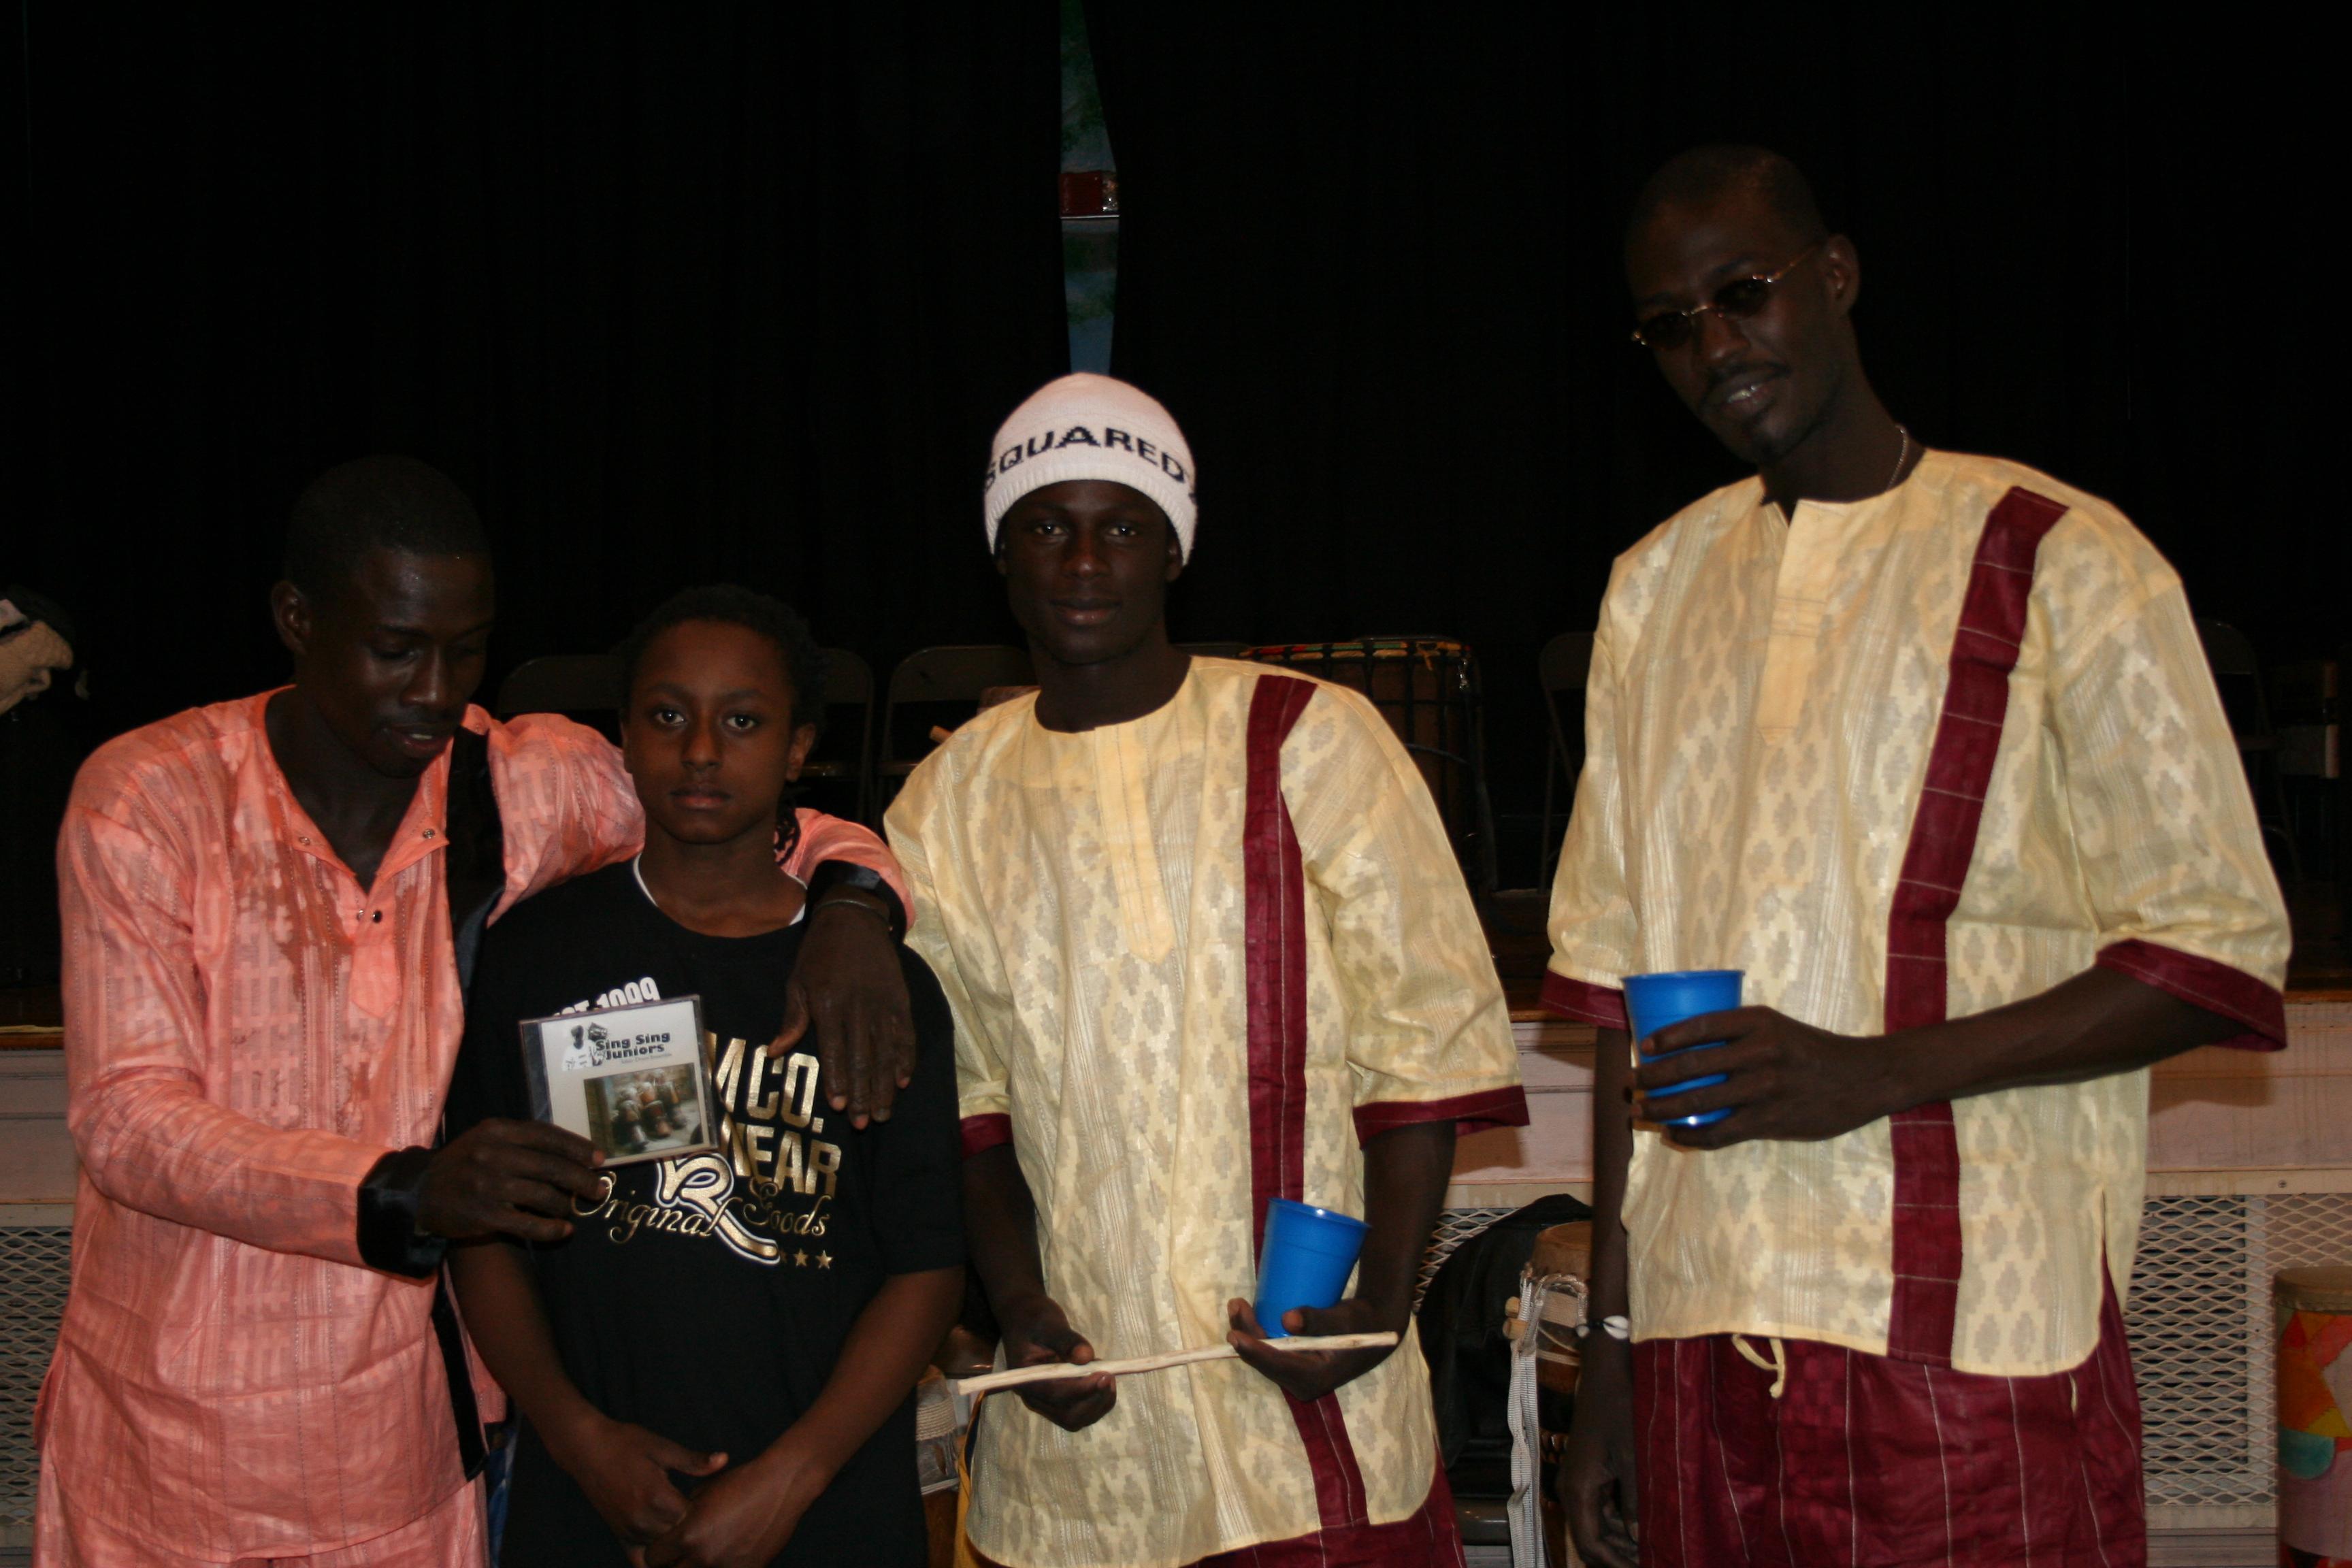 Aziz, Malick and Moustapha with student